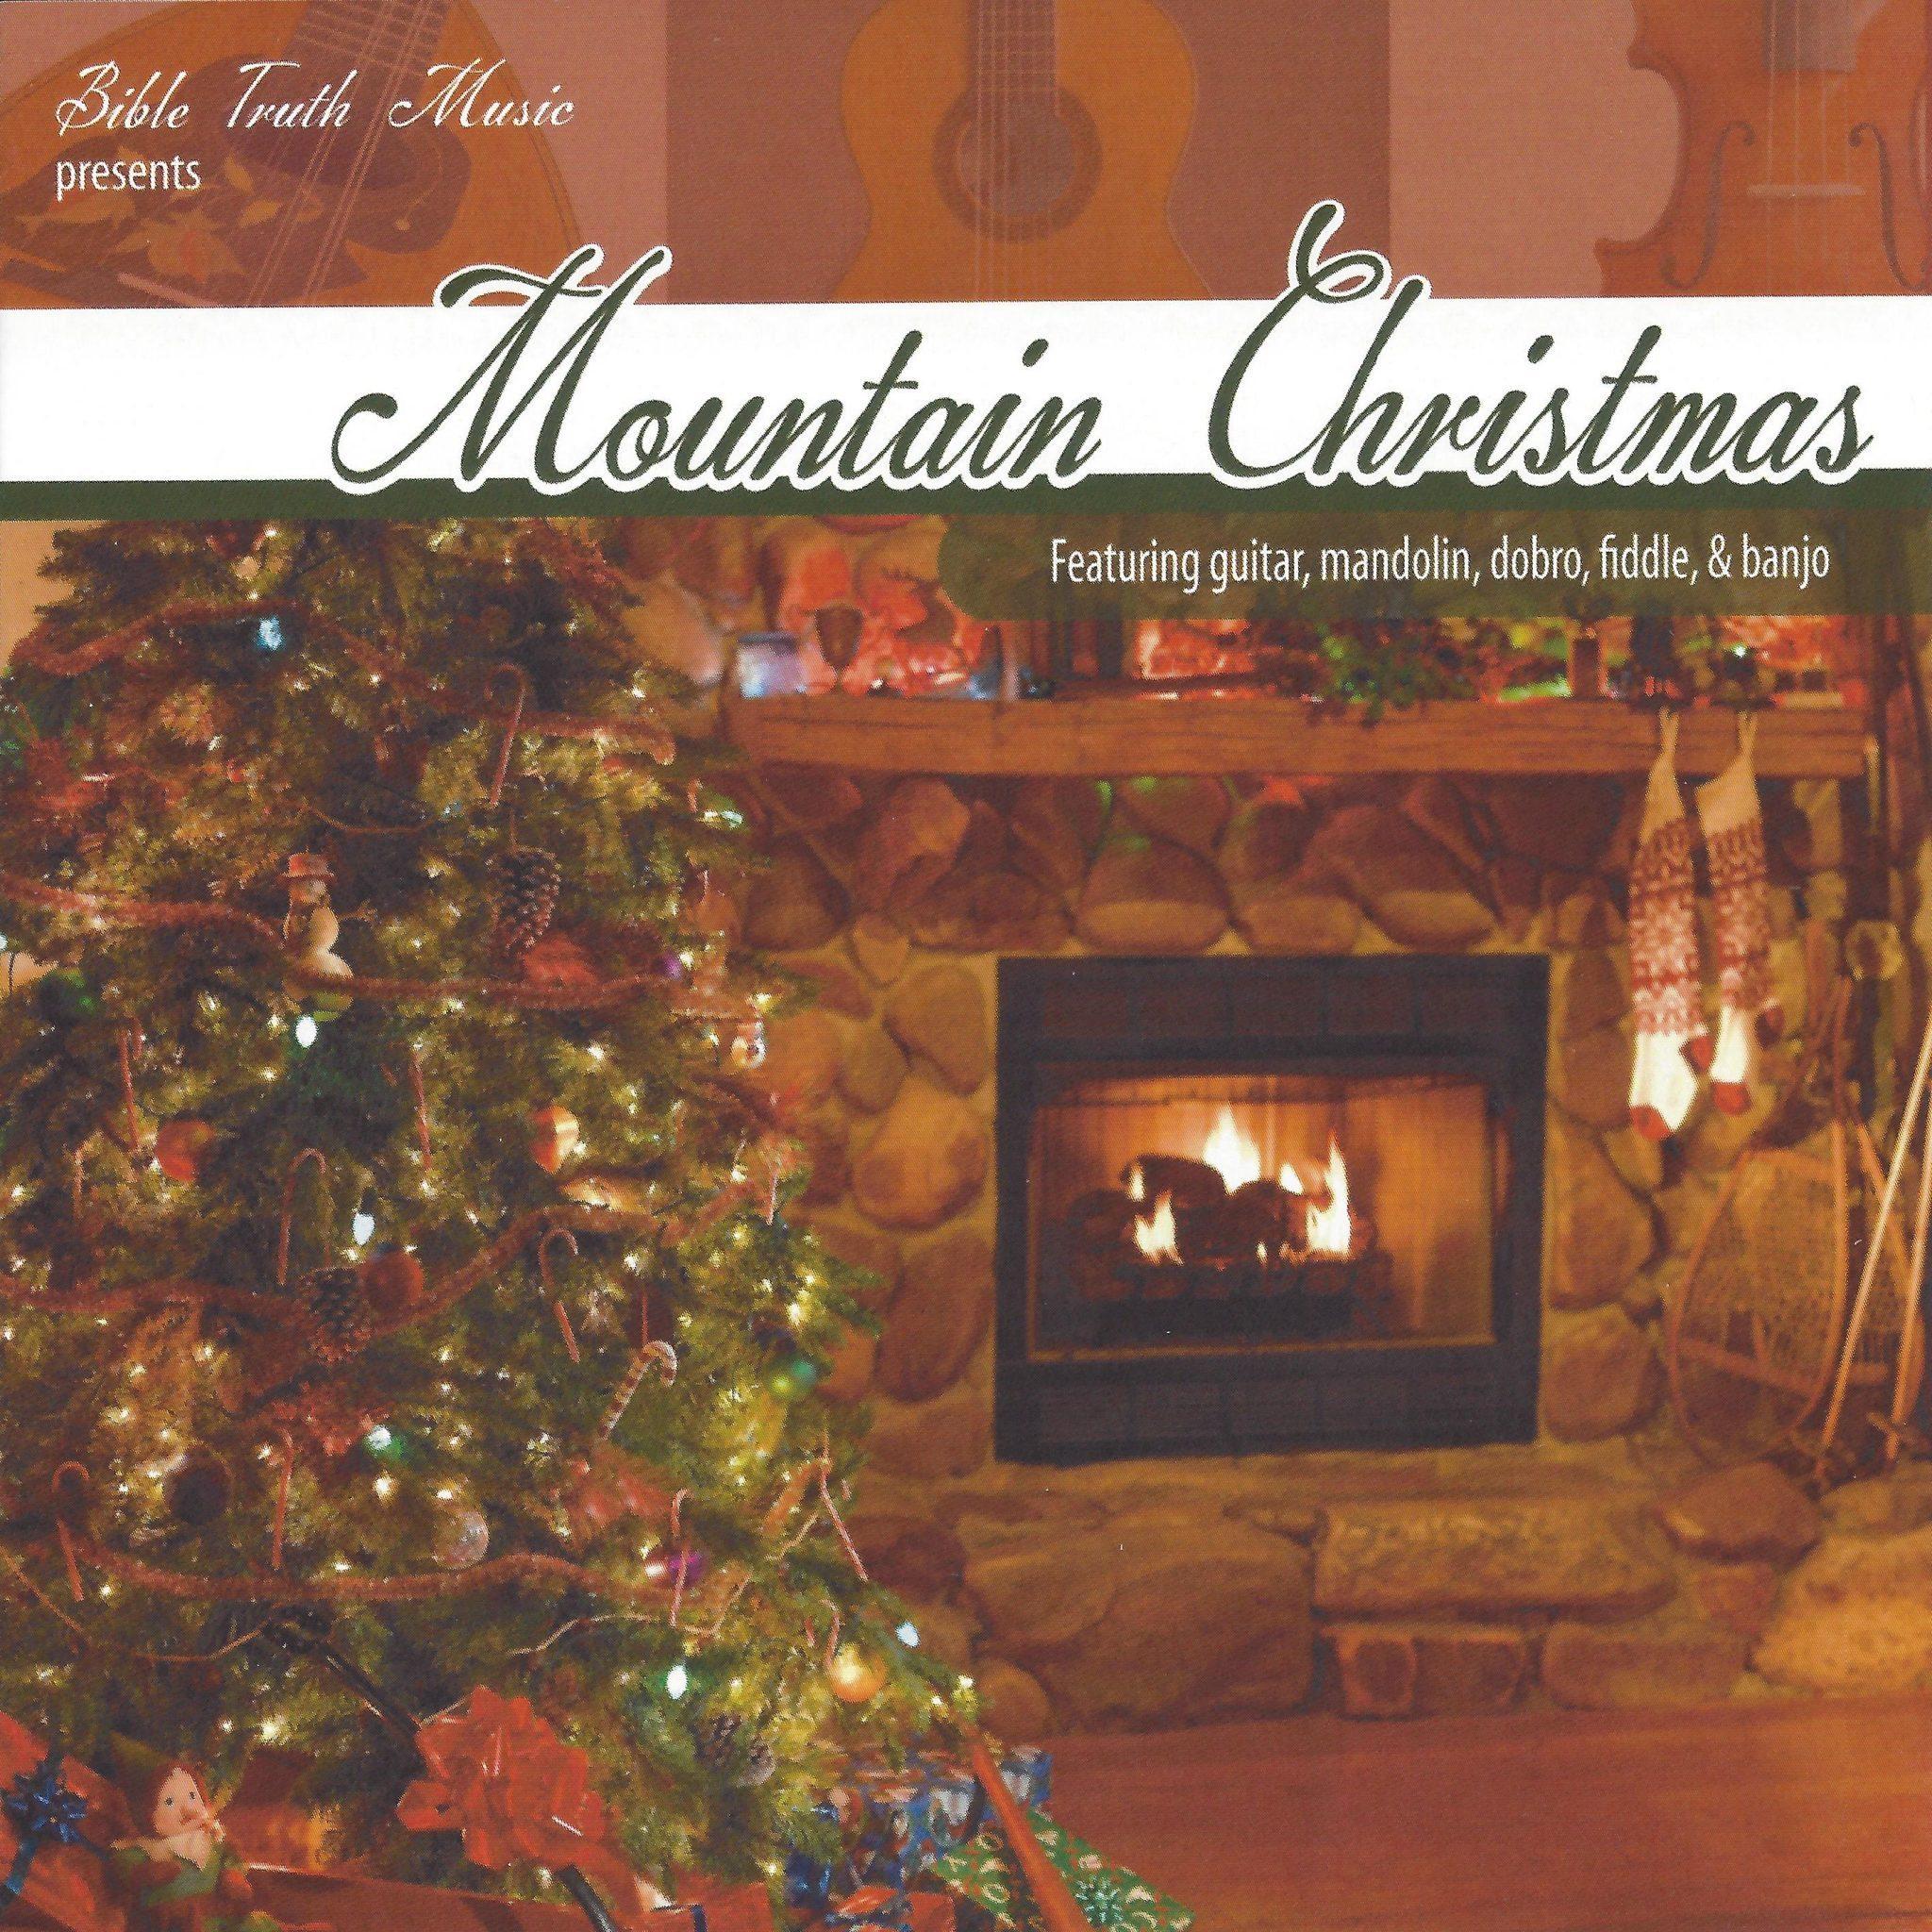 Christmas Music Downloadable.Mountain Christmas Downloadable Cd